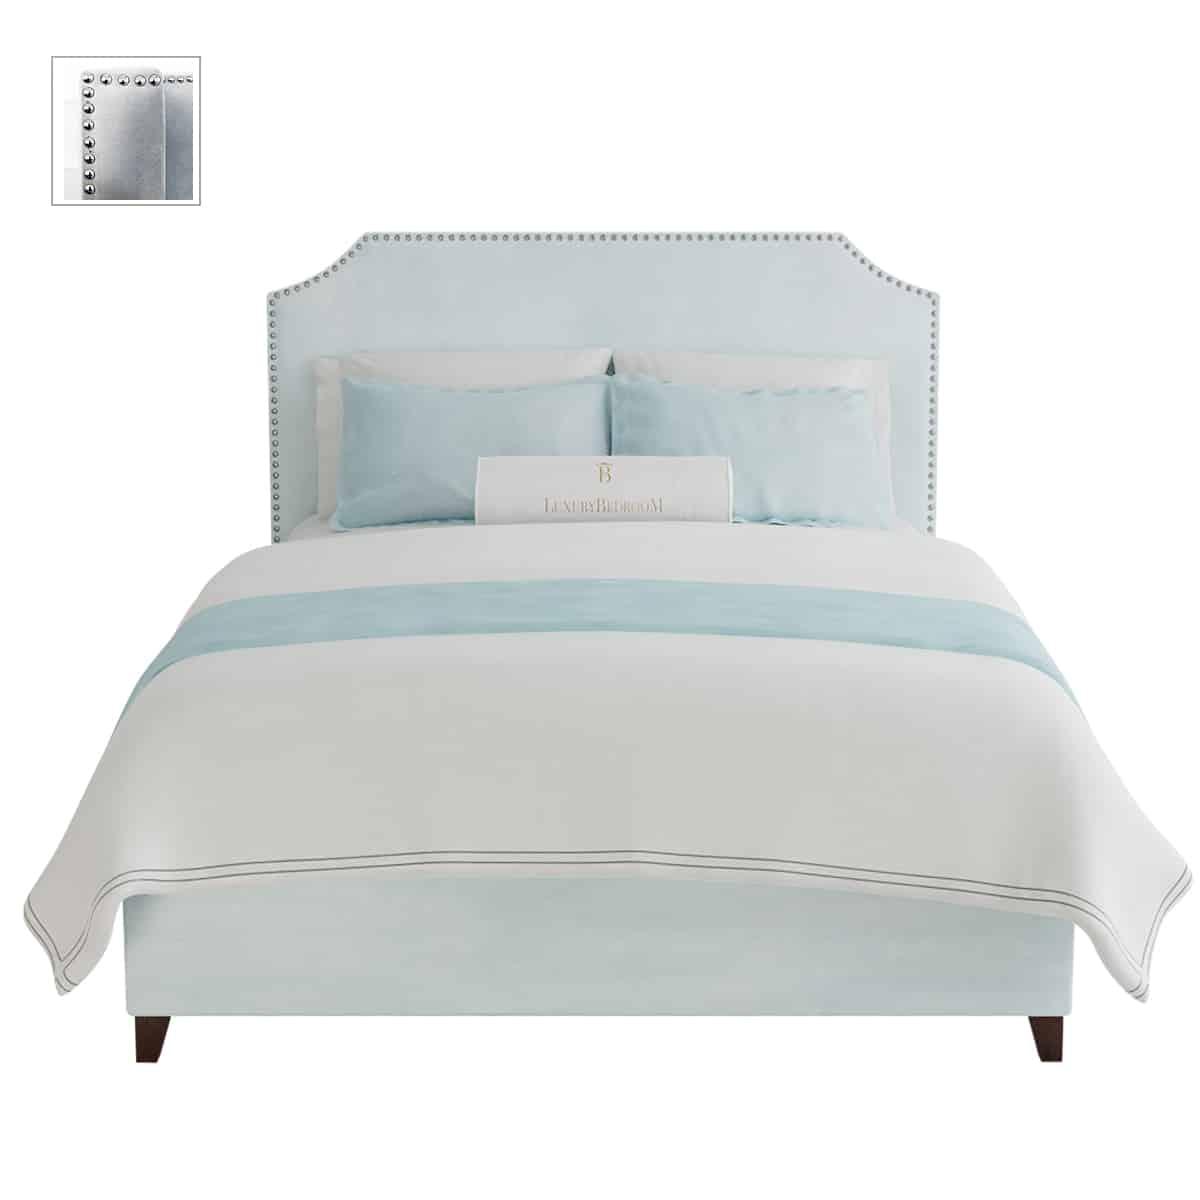 łóżko tapicerowane styl hollywood glamour